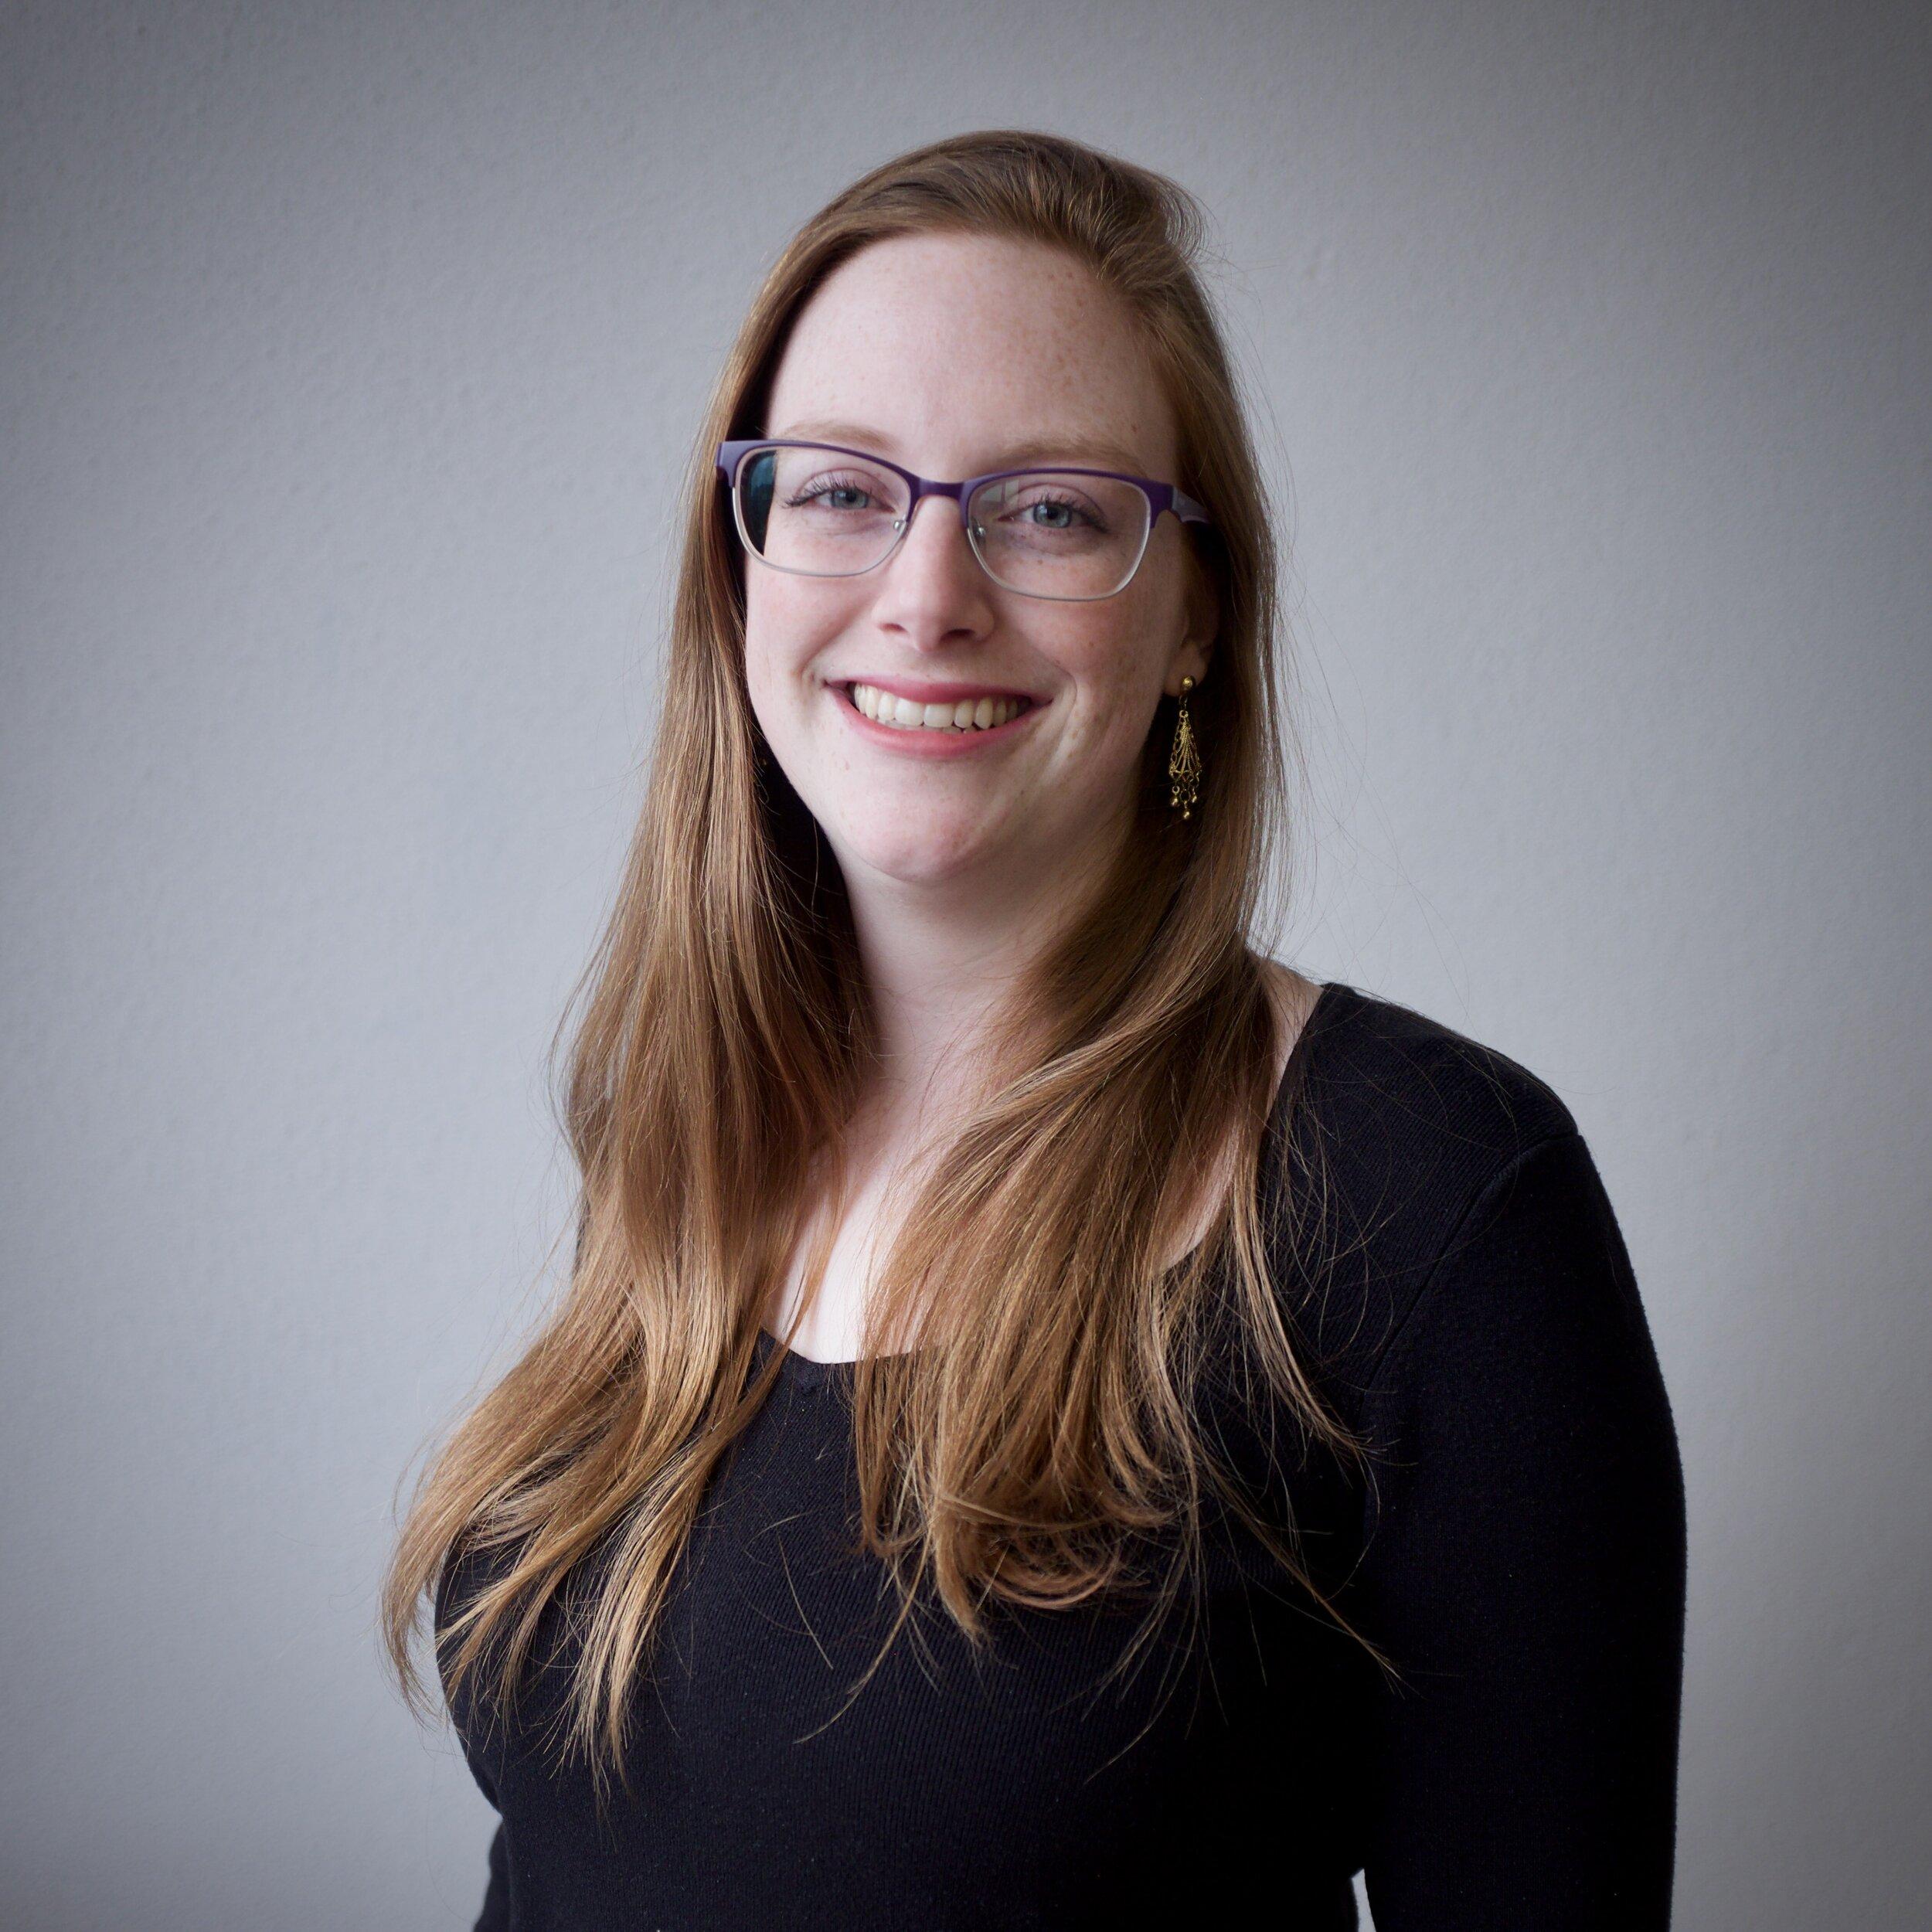 Margaret Stratton, Engineering